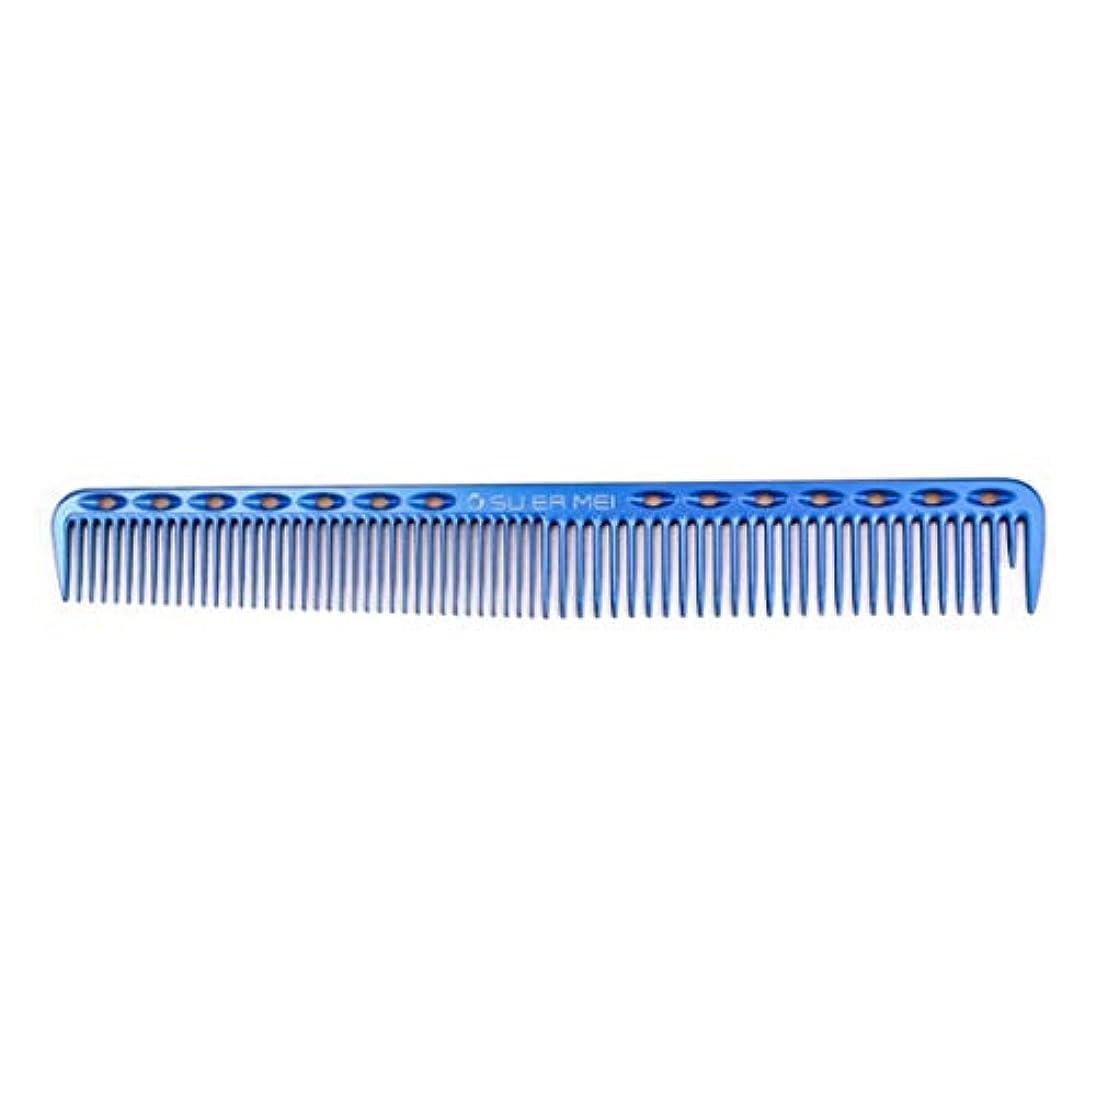 ムスタチオ飛躍廃棄Guomao 帯電防止毛の櫛または女性の毛の櫛のための航空アルミニウム櫛 (色 : 青)